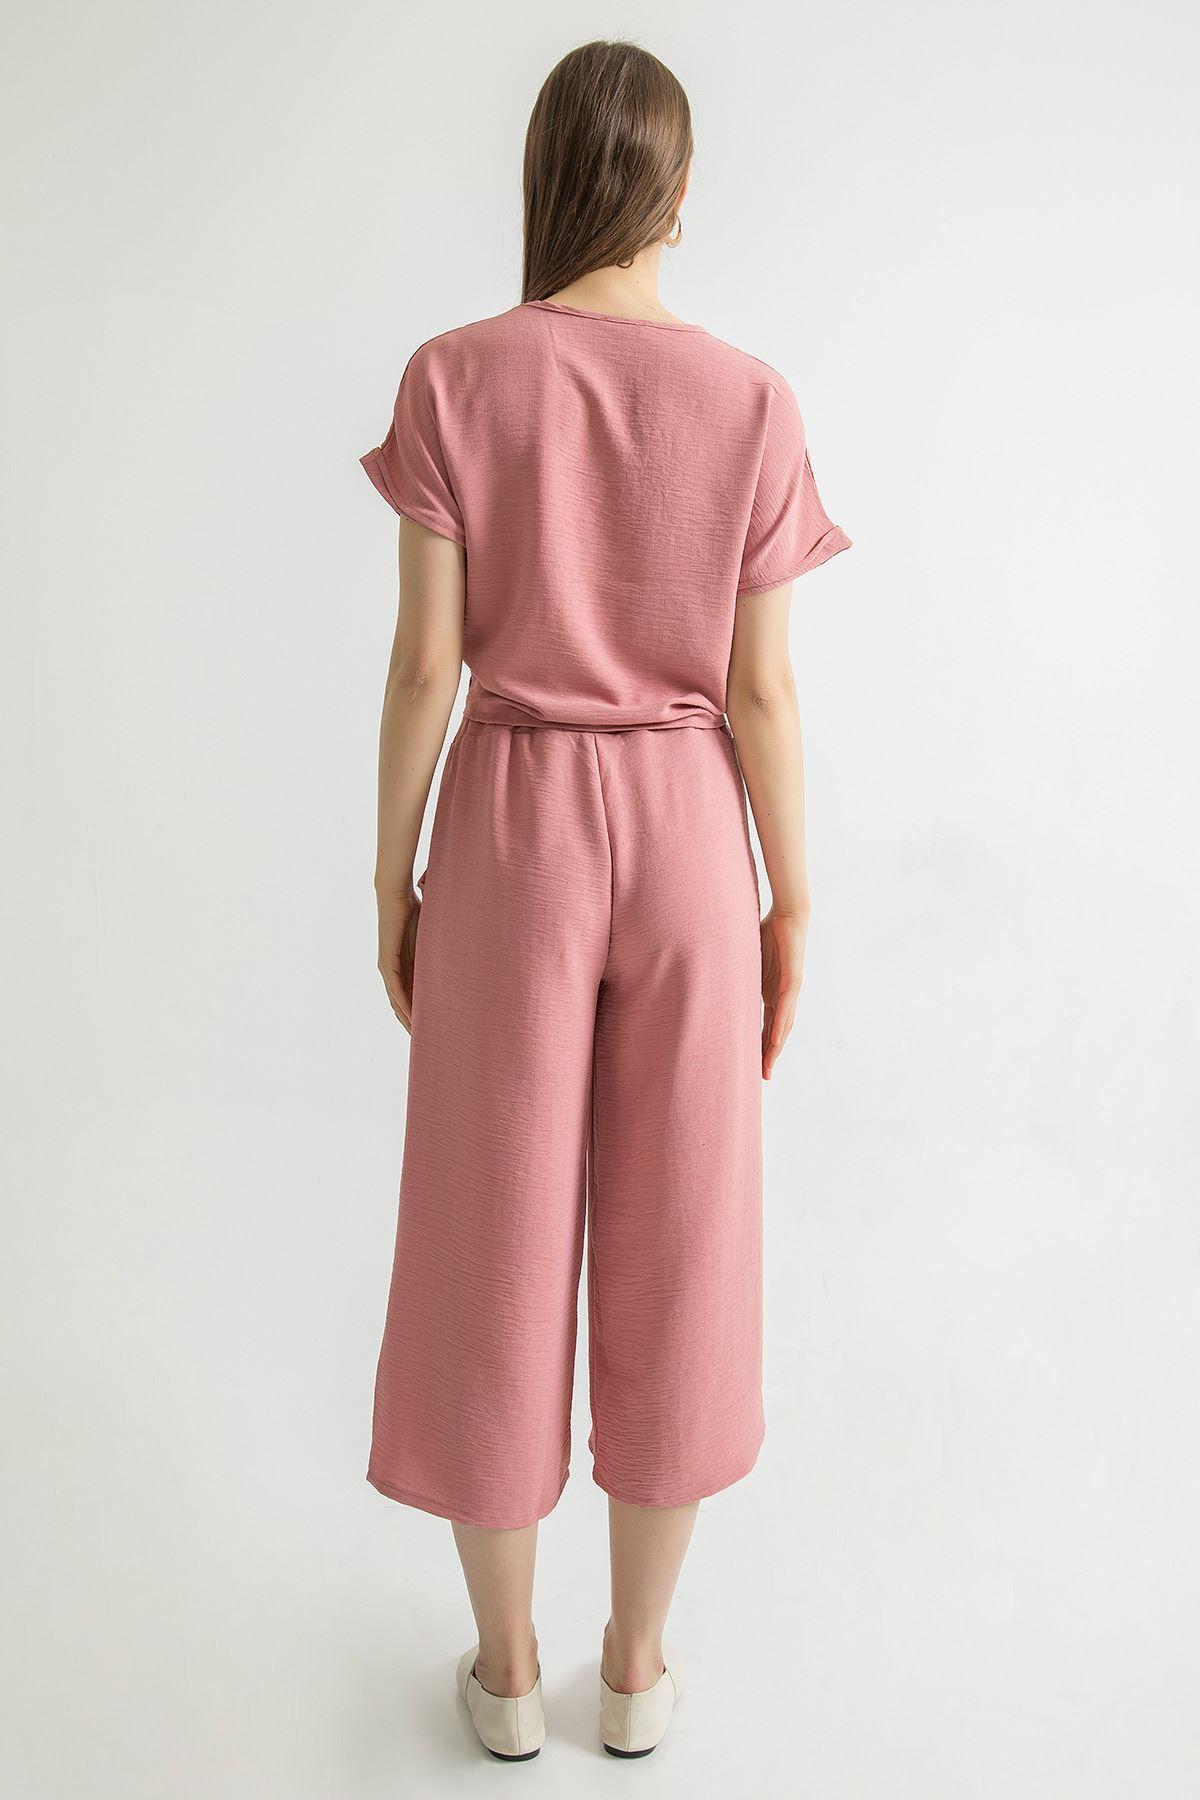 Bağlama Detay Pantolon Takım-Pudra